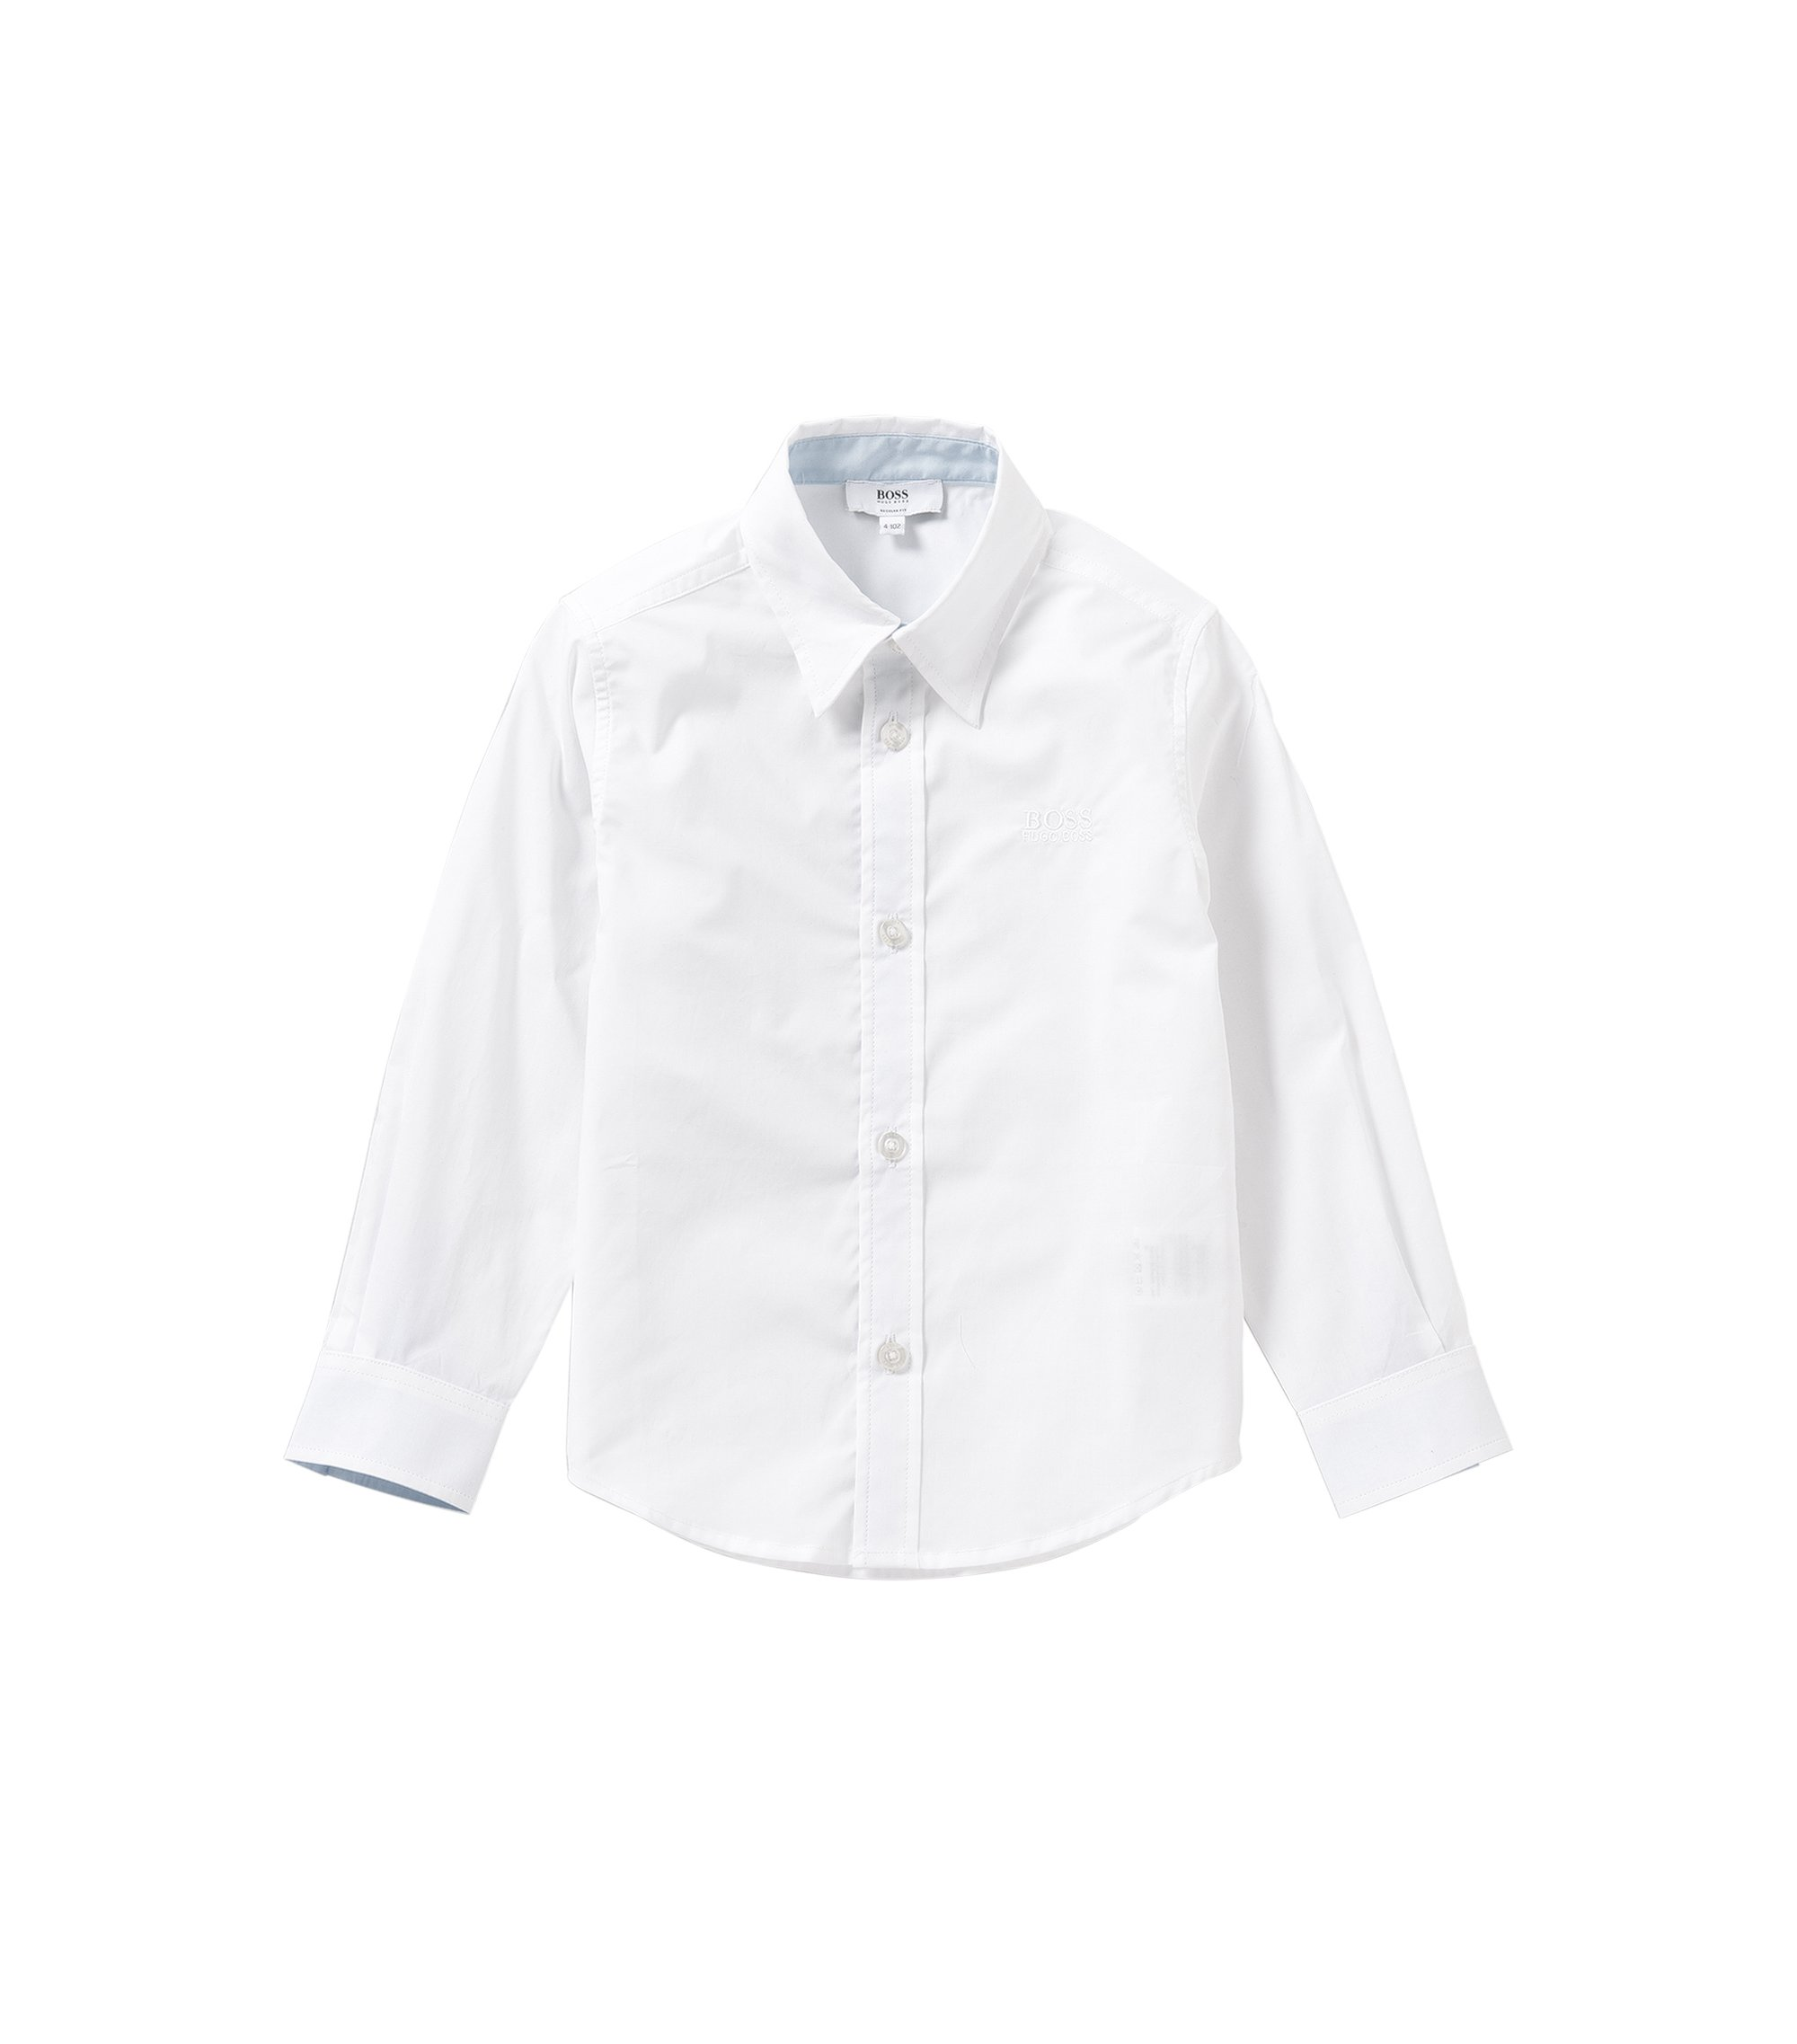 Chemise Regular Fit pour enfant en coton: «J25945», Blanc